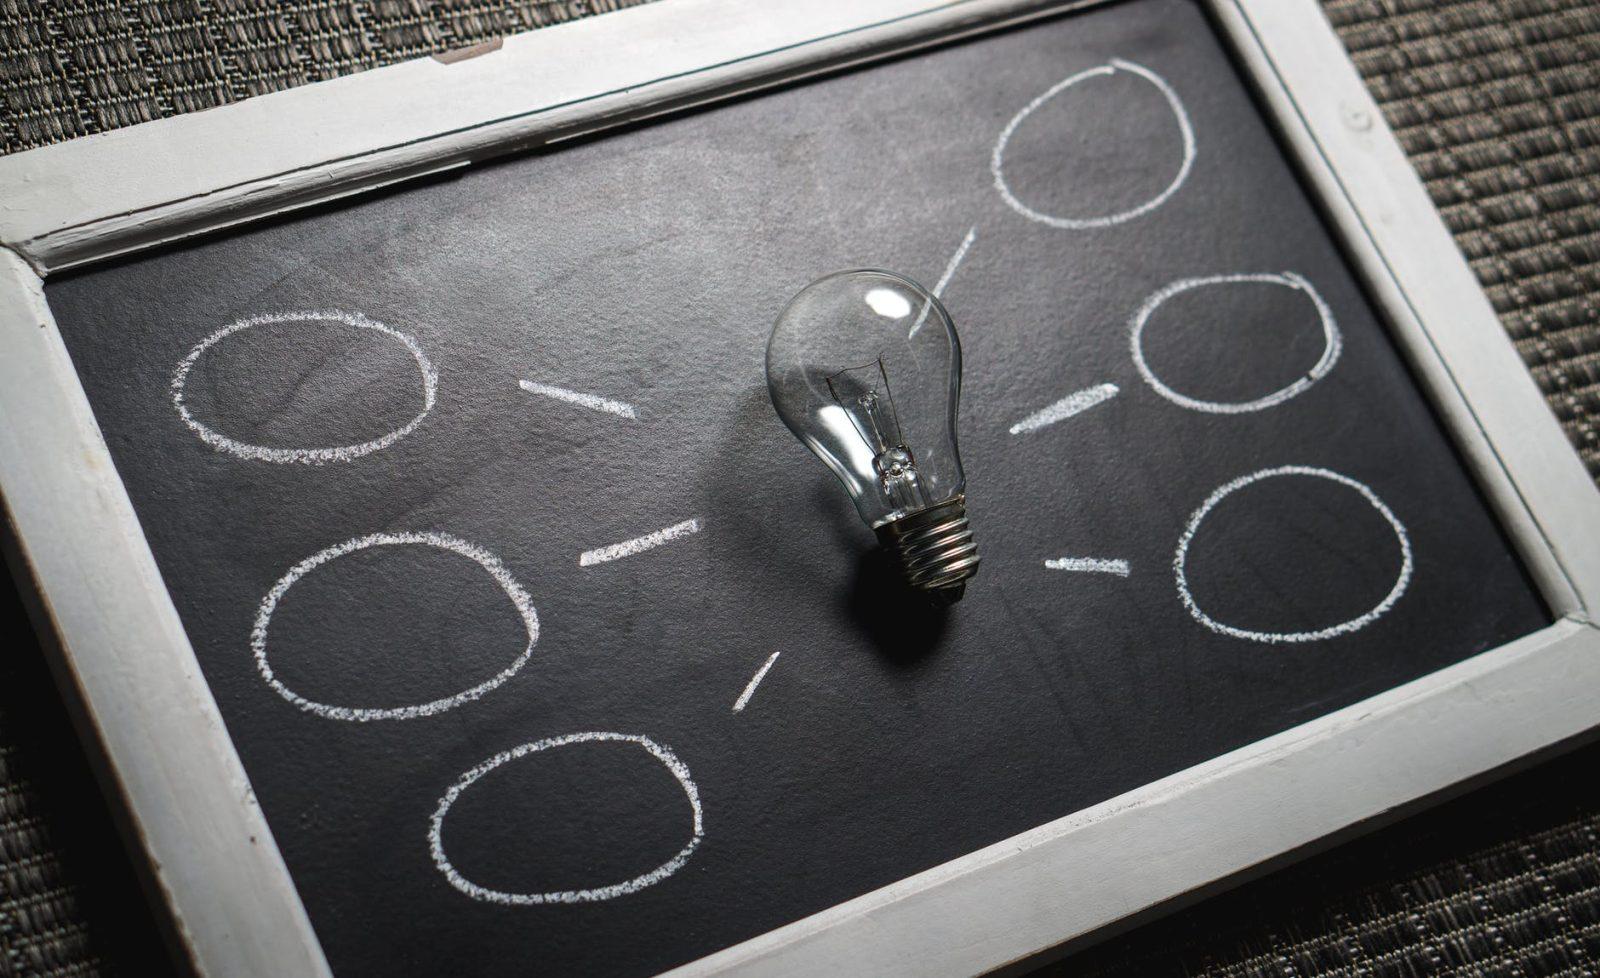 3 כללים לשינוי המיינדסט (דפוסי חשיבה) שלכם בקלות